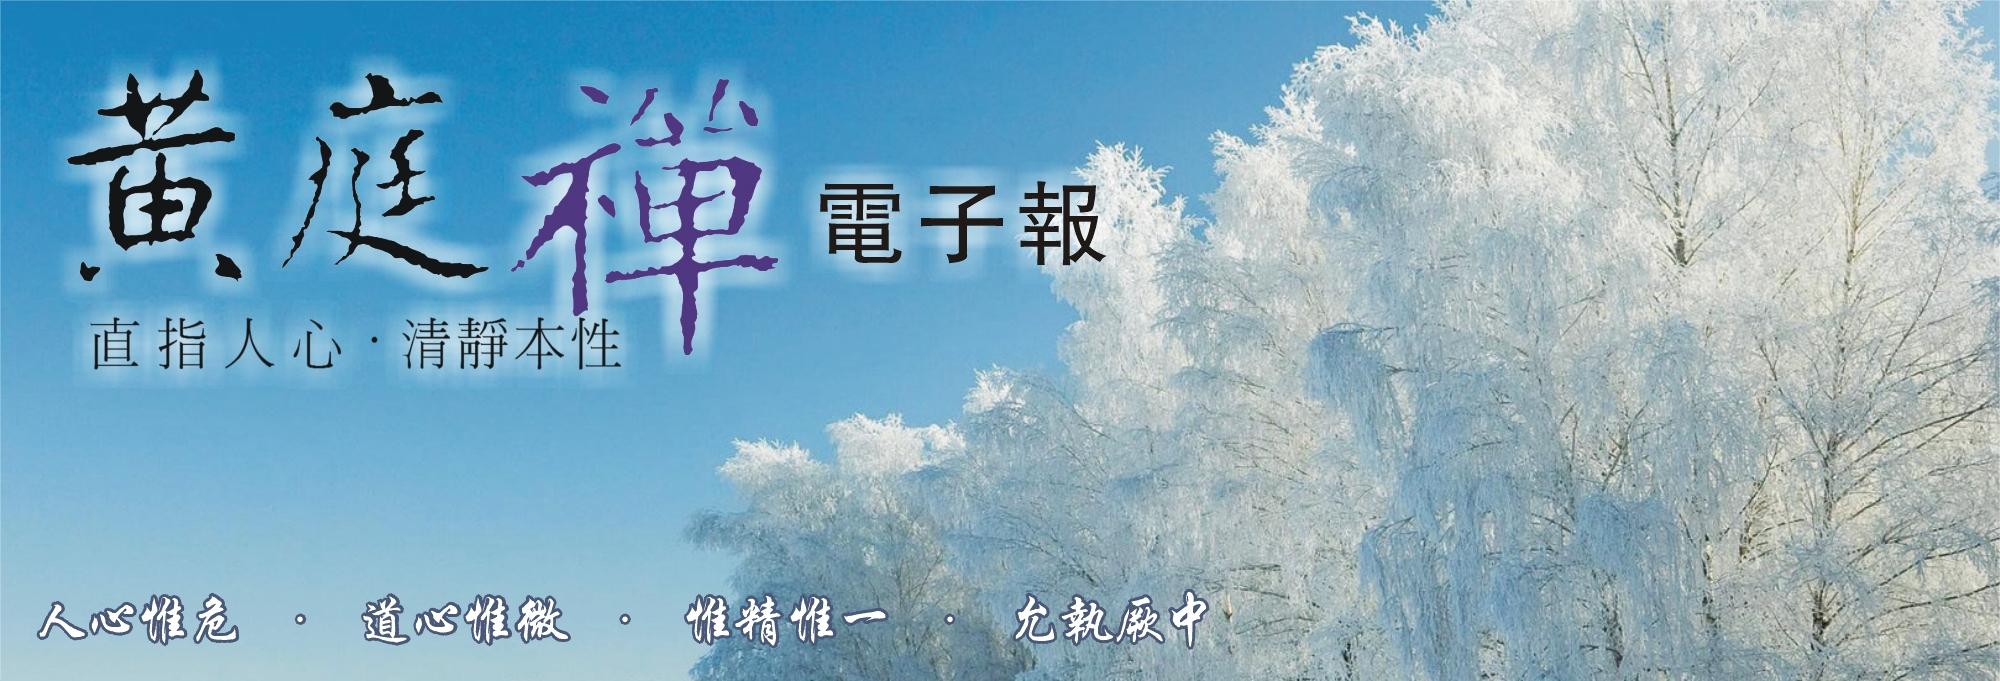 中華黃庭禪學會2014.12.11電子報